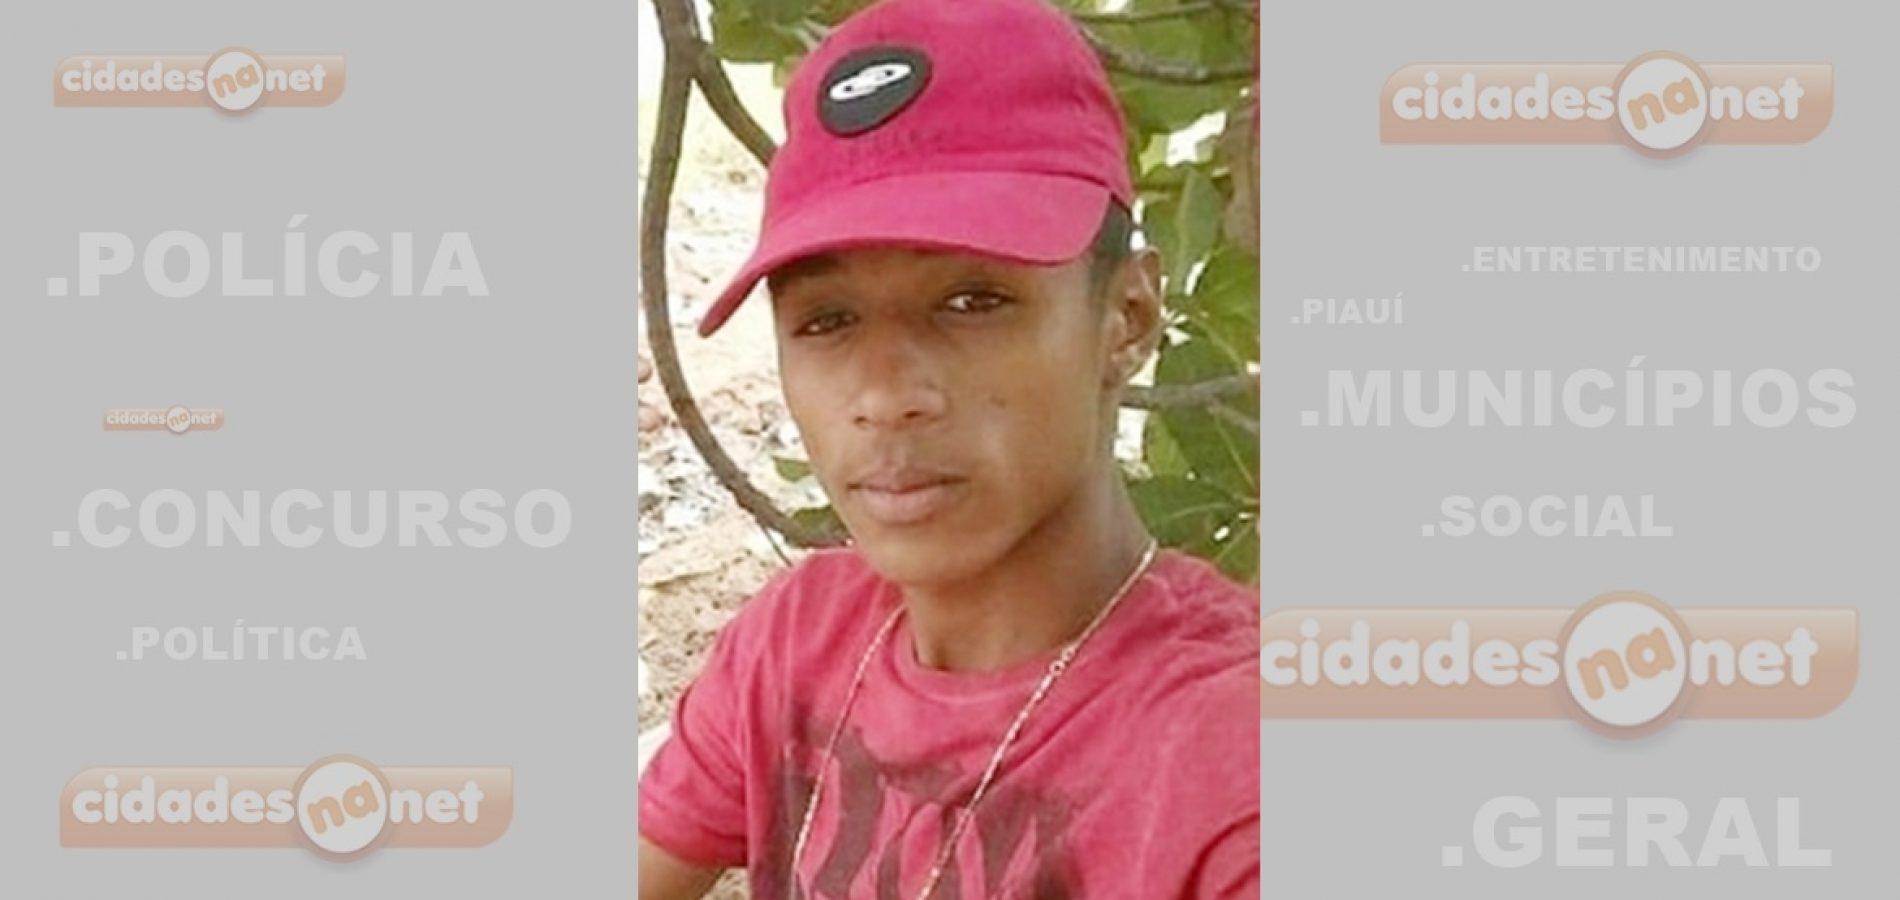 Jovem morre após ser atingido com tiro na cabeça e no peito em cidade do Piauí